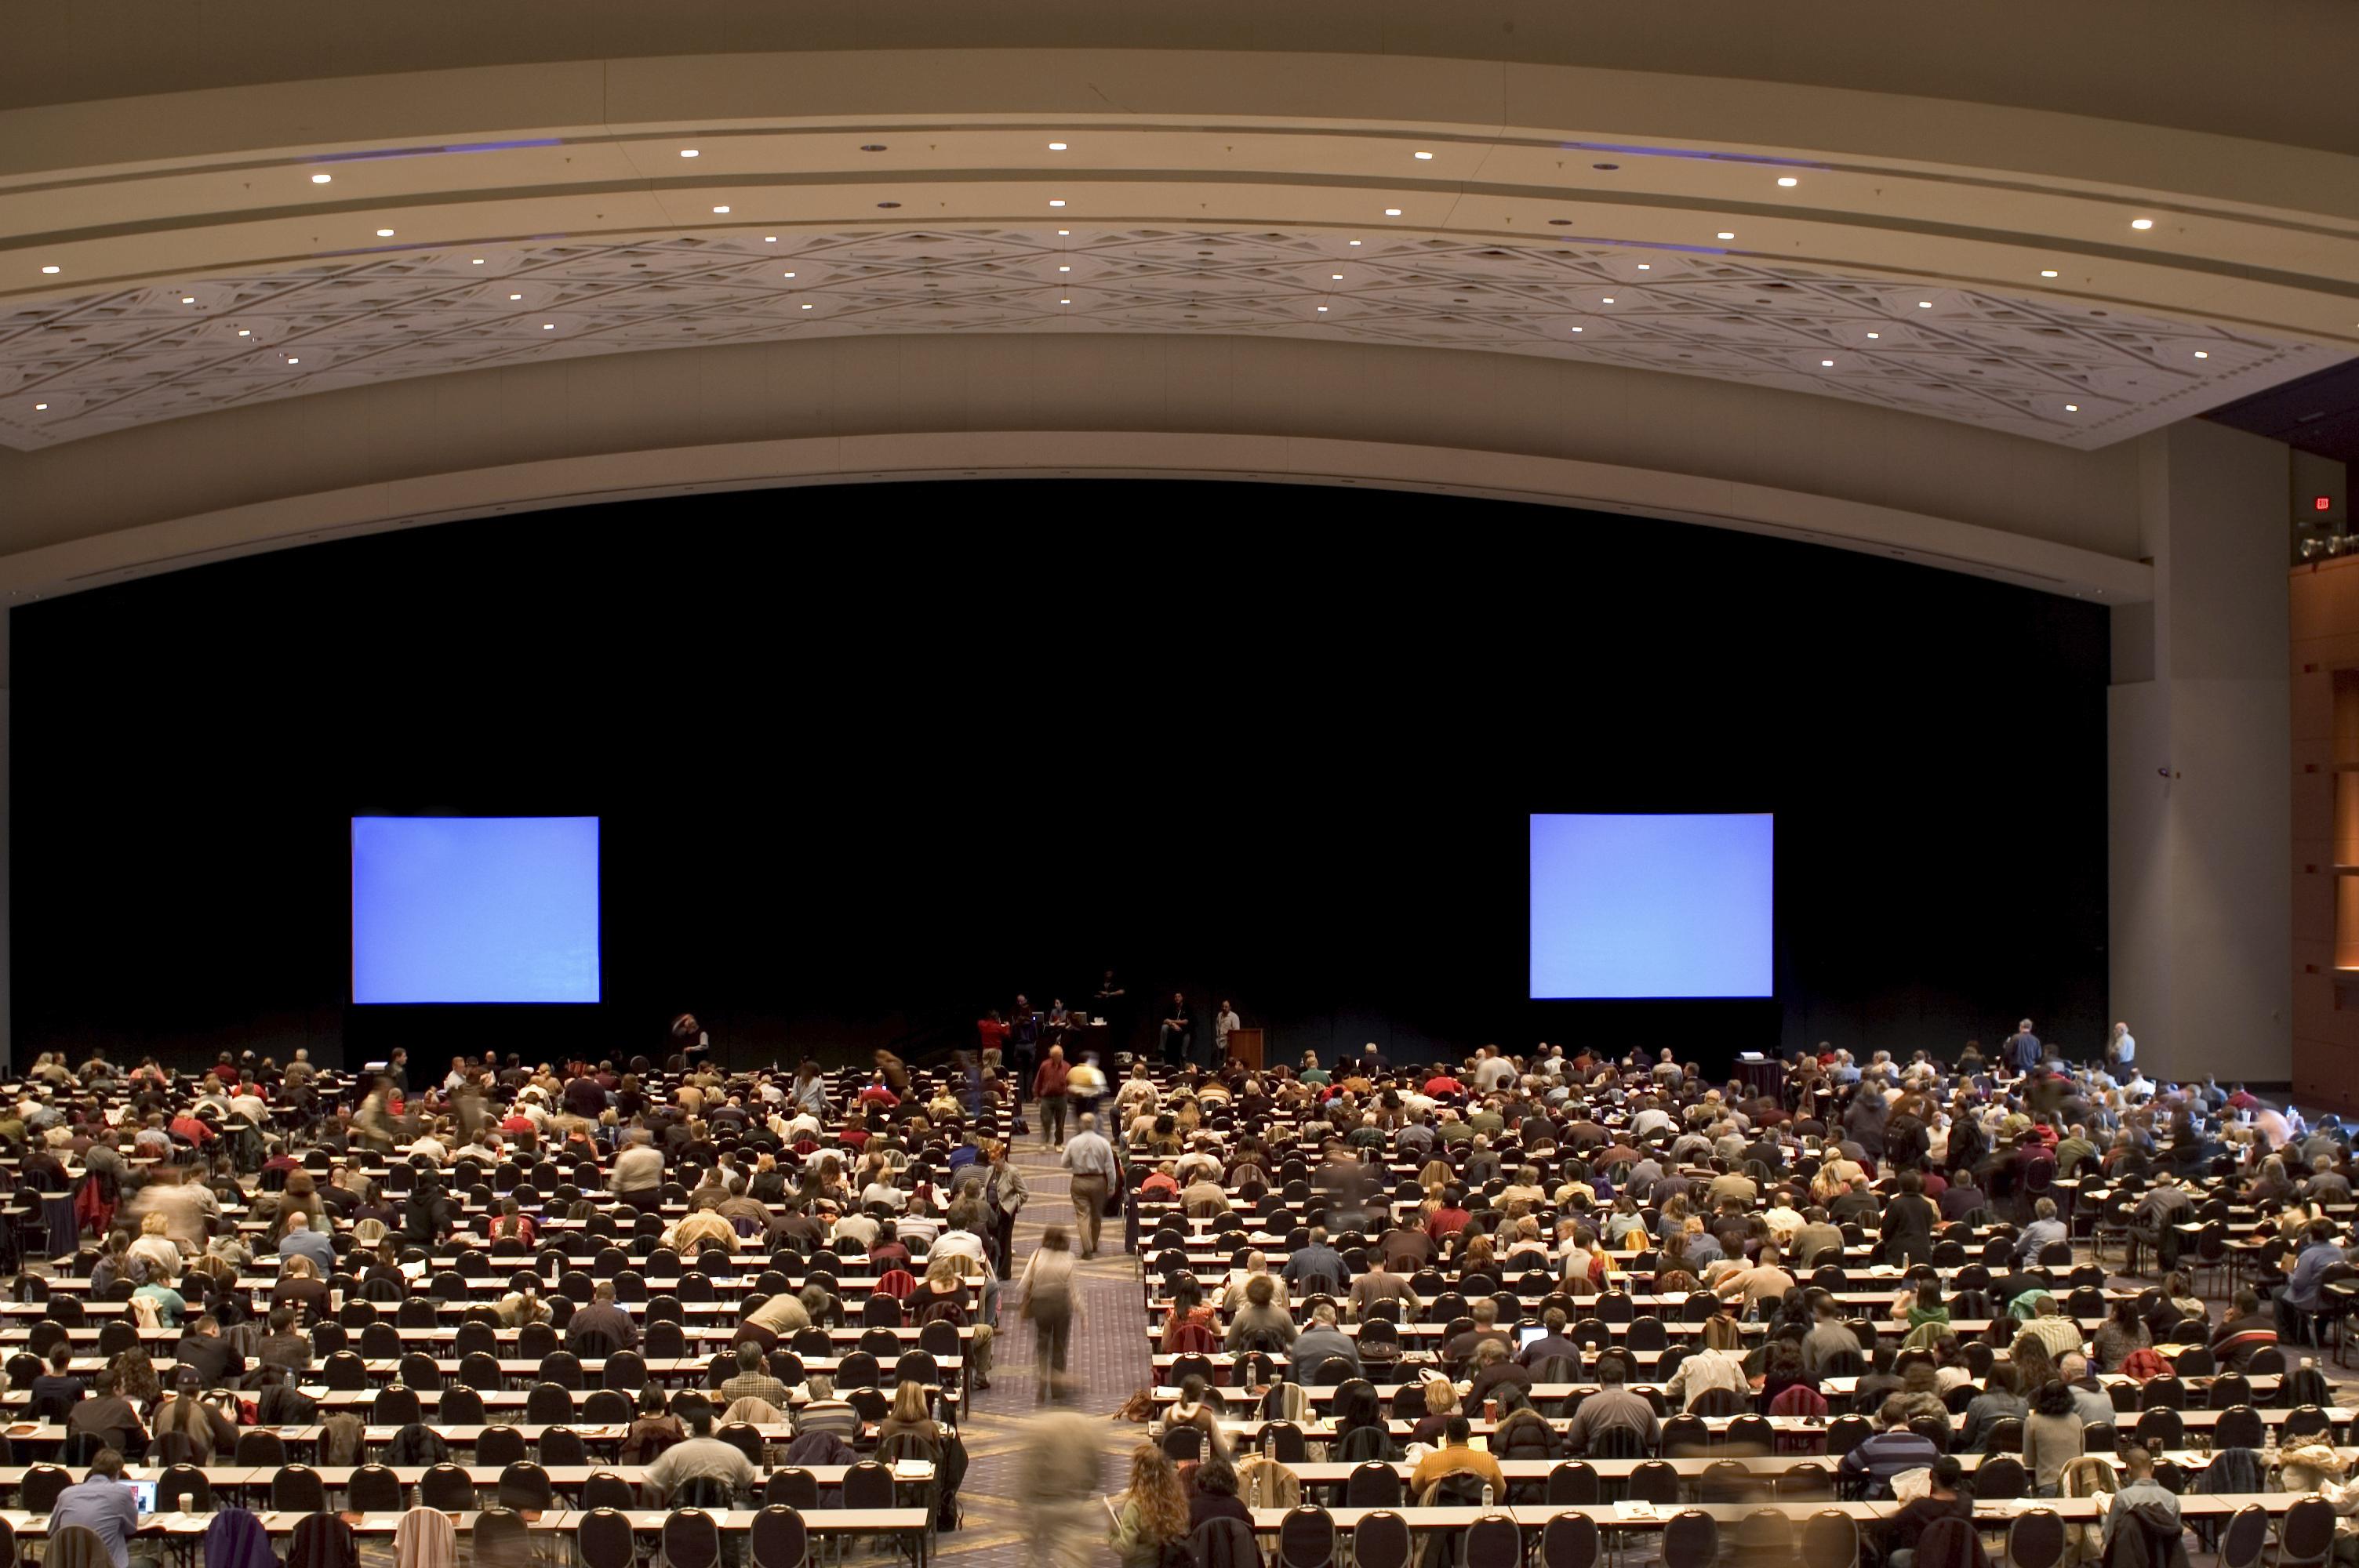 2014 SSP 会议消息:学术发表从著作权转为贡献度